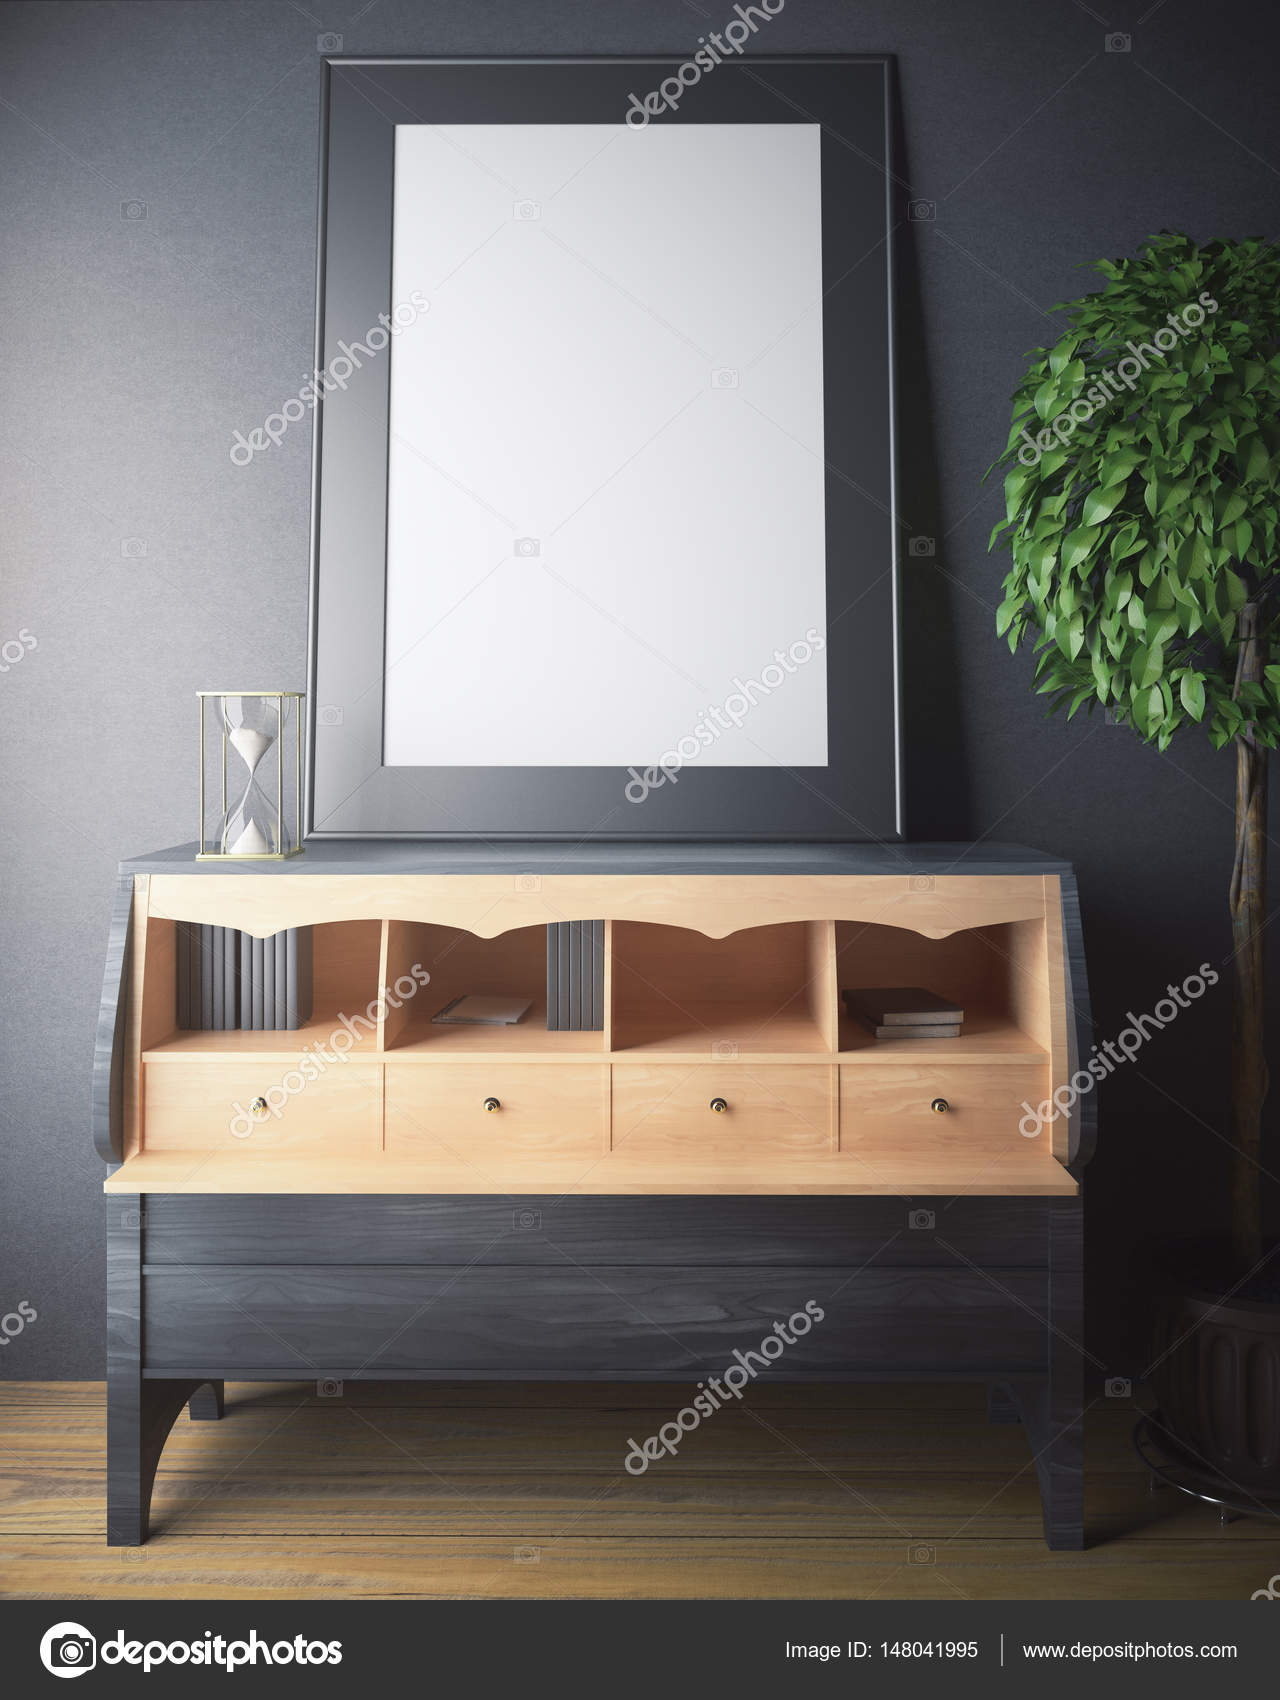 Schrank mit Rahmen — Stockfoto © peshkov #148041995